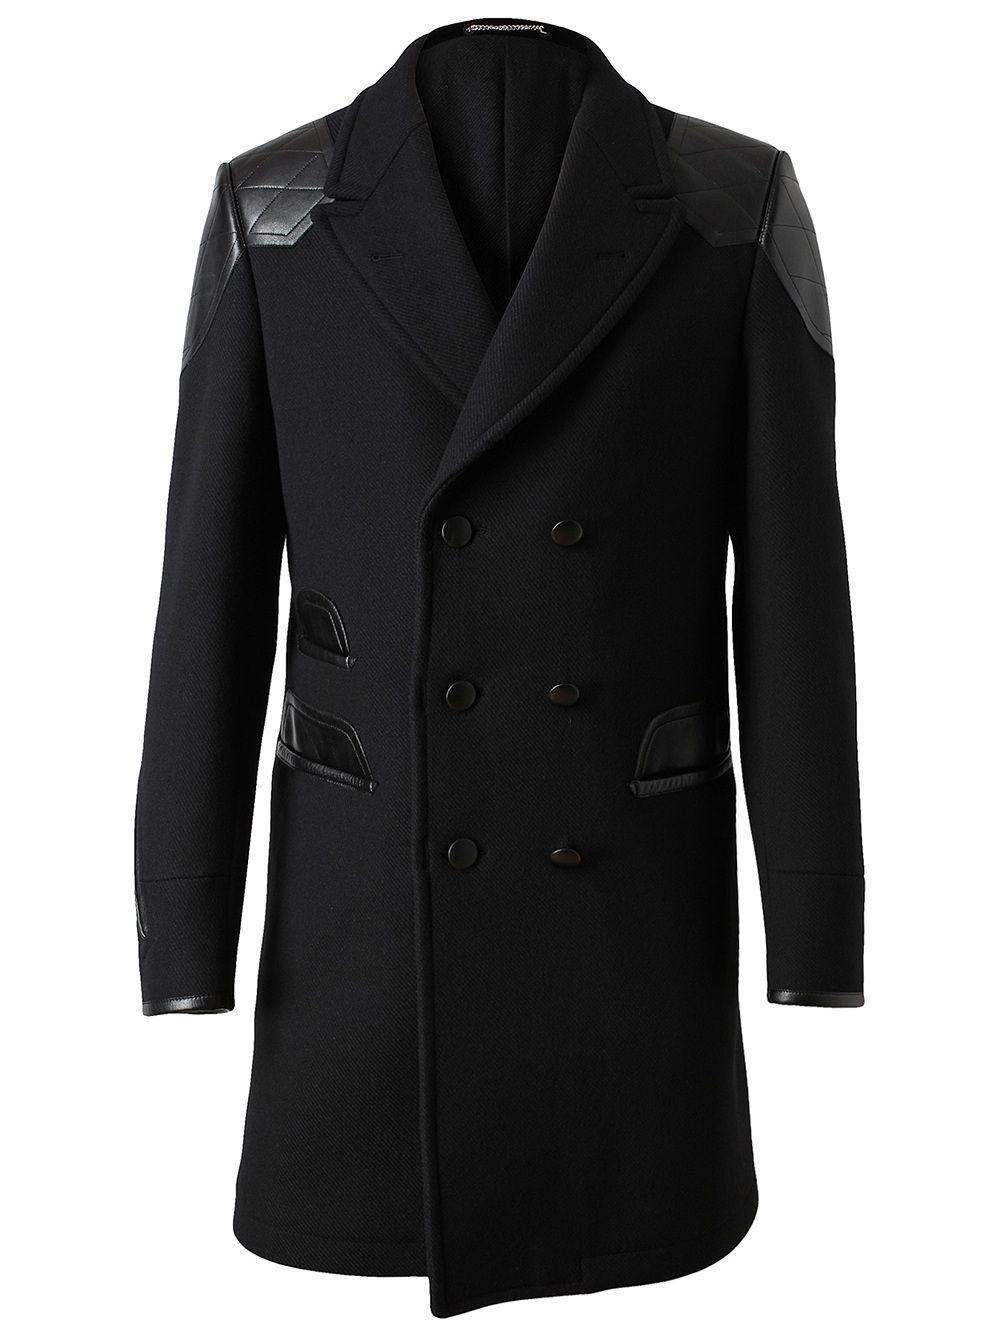 75fc70a29c4 Yves Saint Laurent | style | Coat dress, Mens wool coats, Fashion